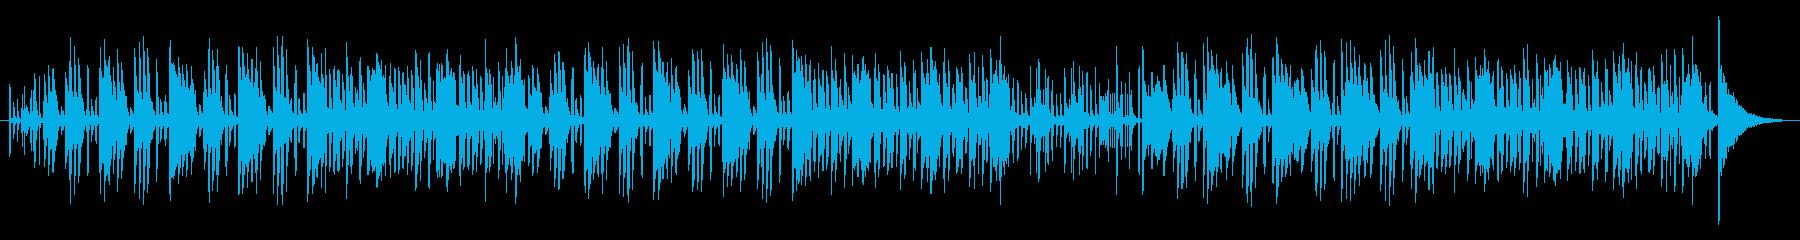 ピアノ使用 やや緊張感のあるの再生済みの波形